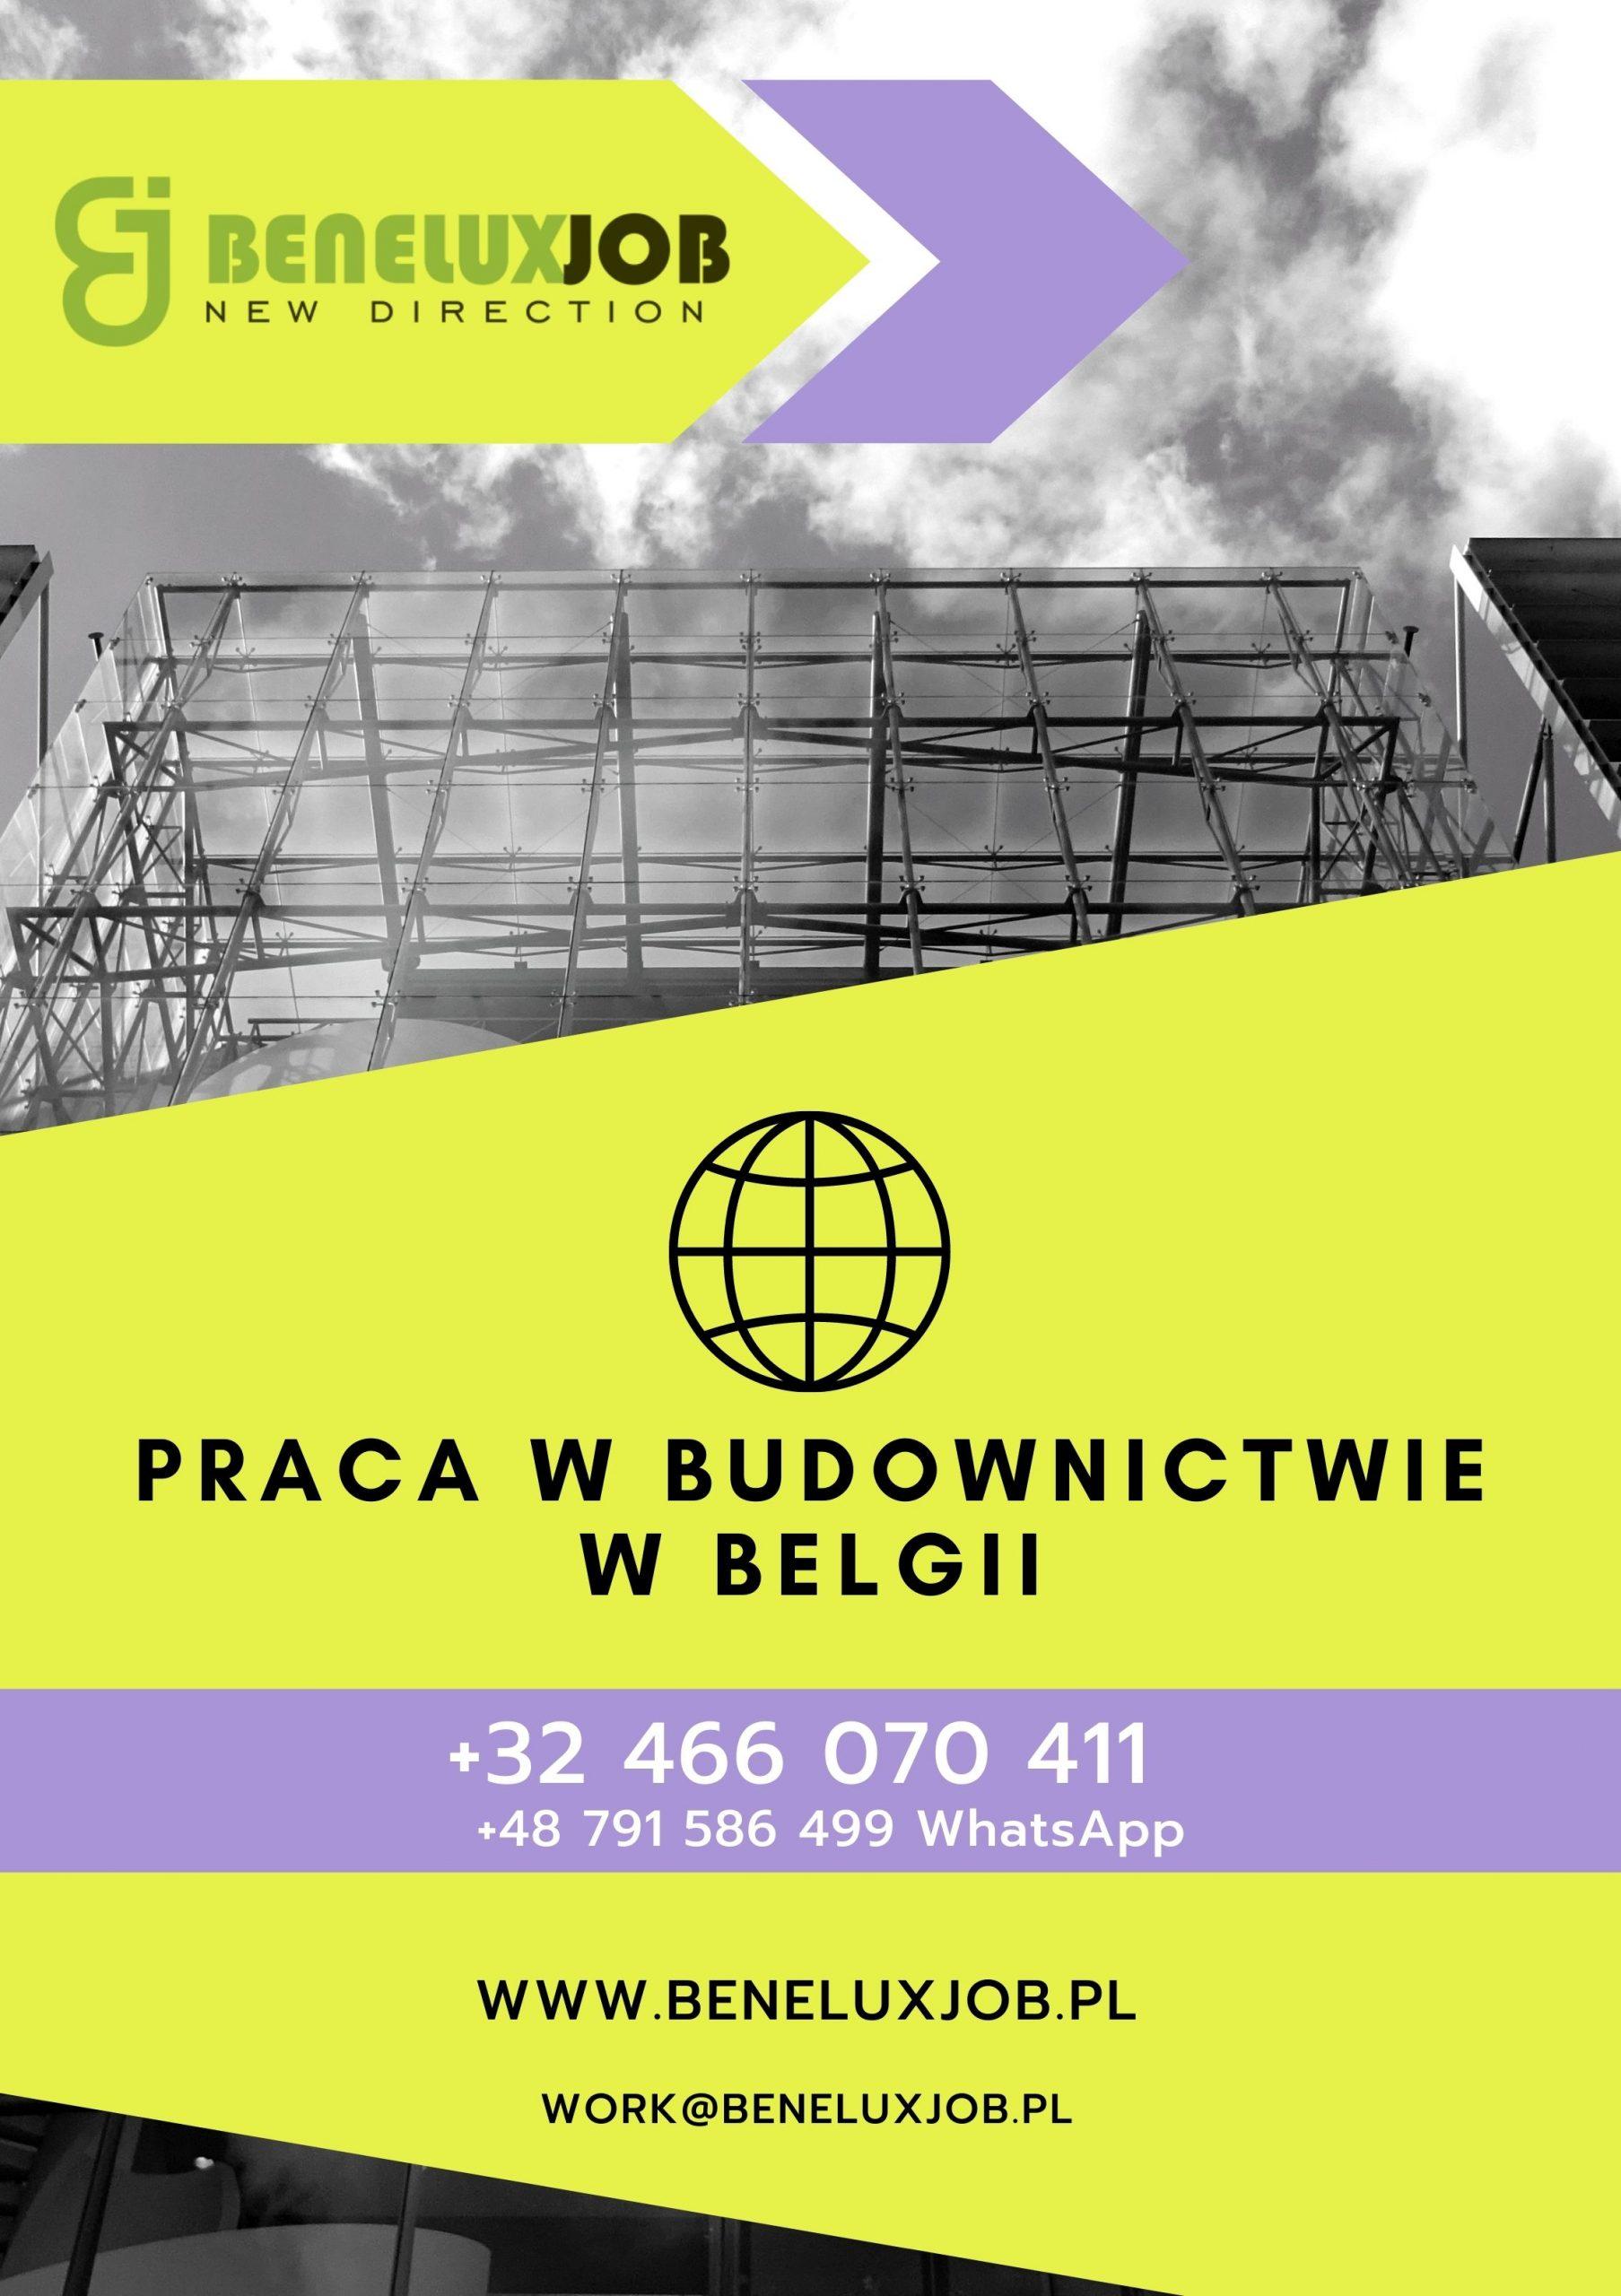 PRACA W BUDOWNICTWIE W BELGII- PRACA DLA POLAKÓW I UKRAINCÓW